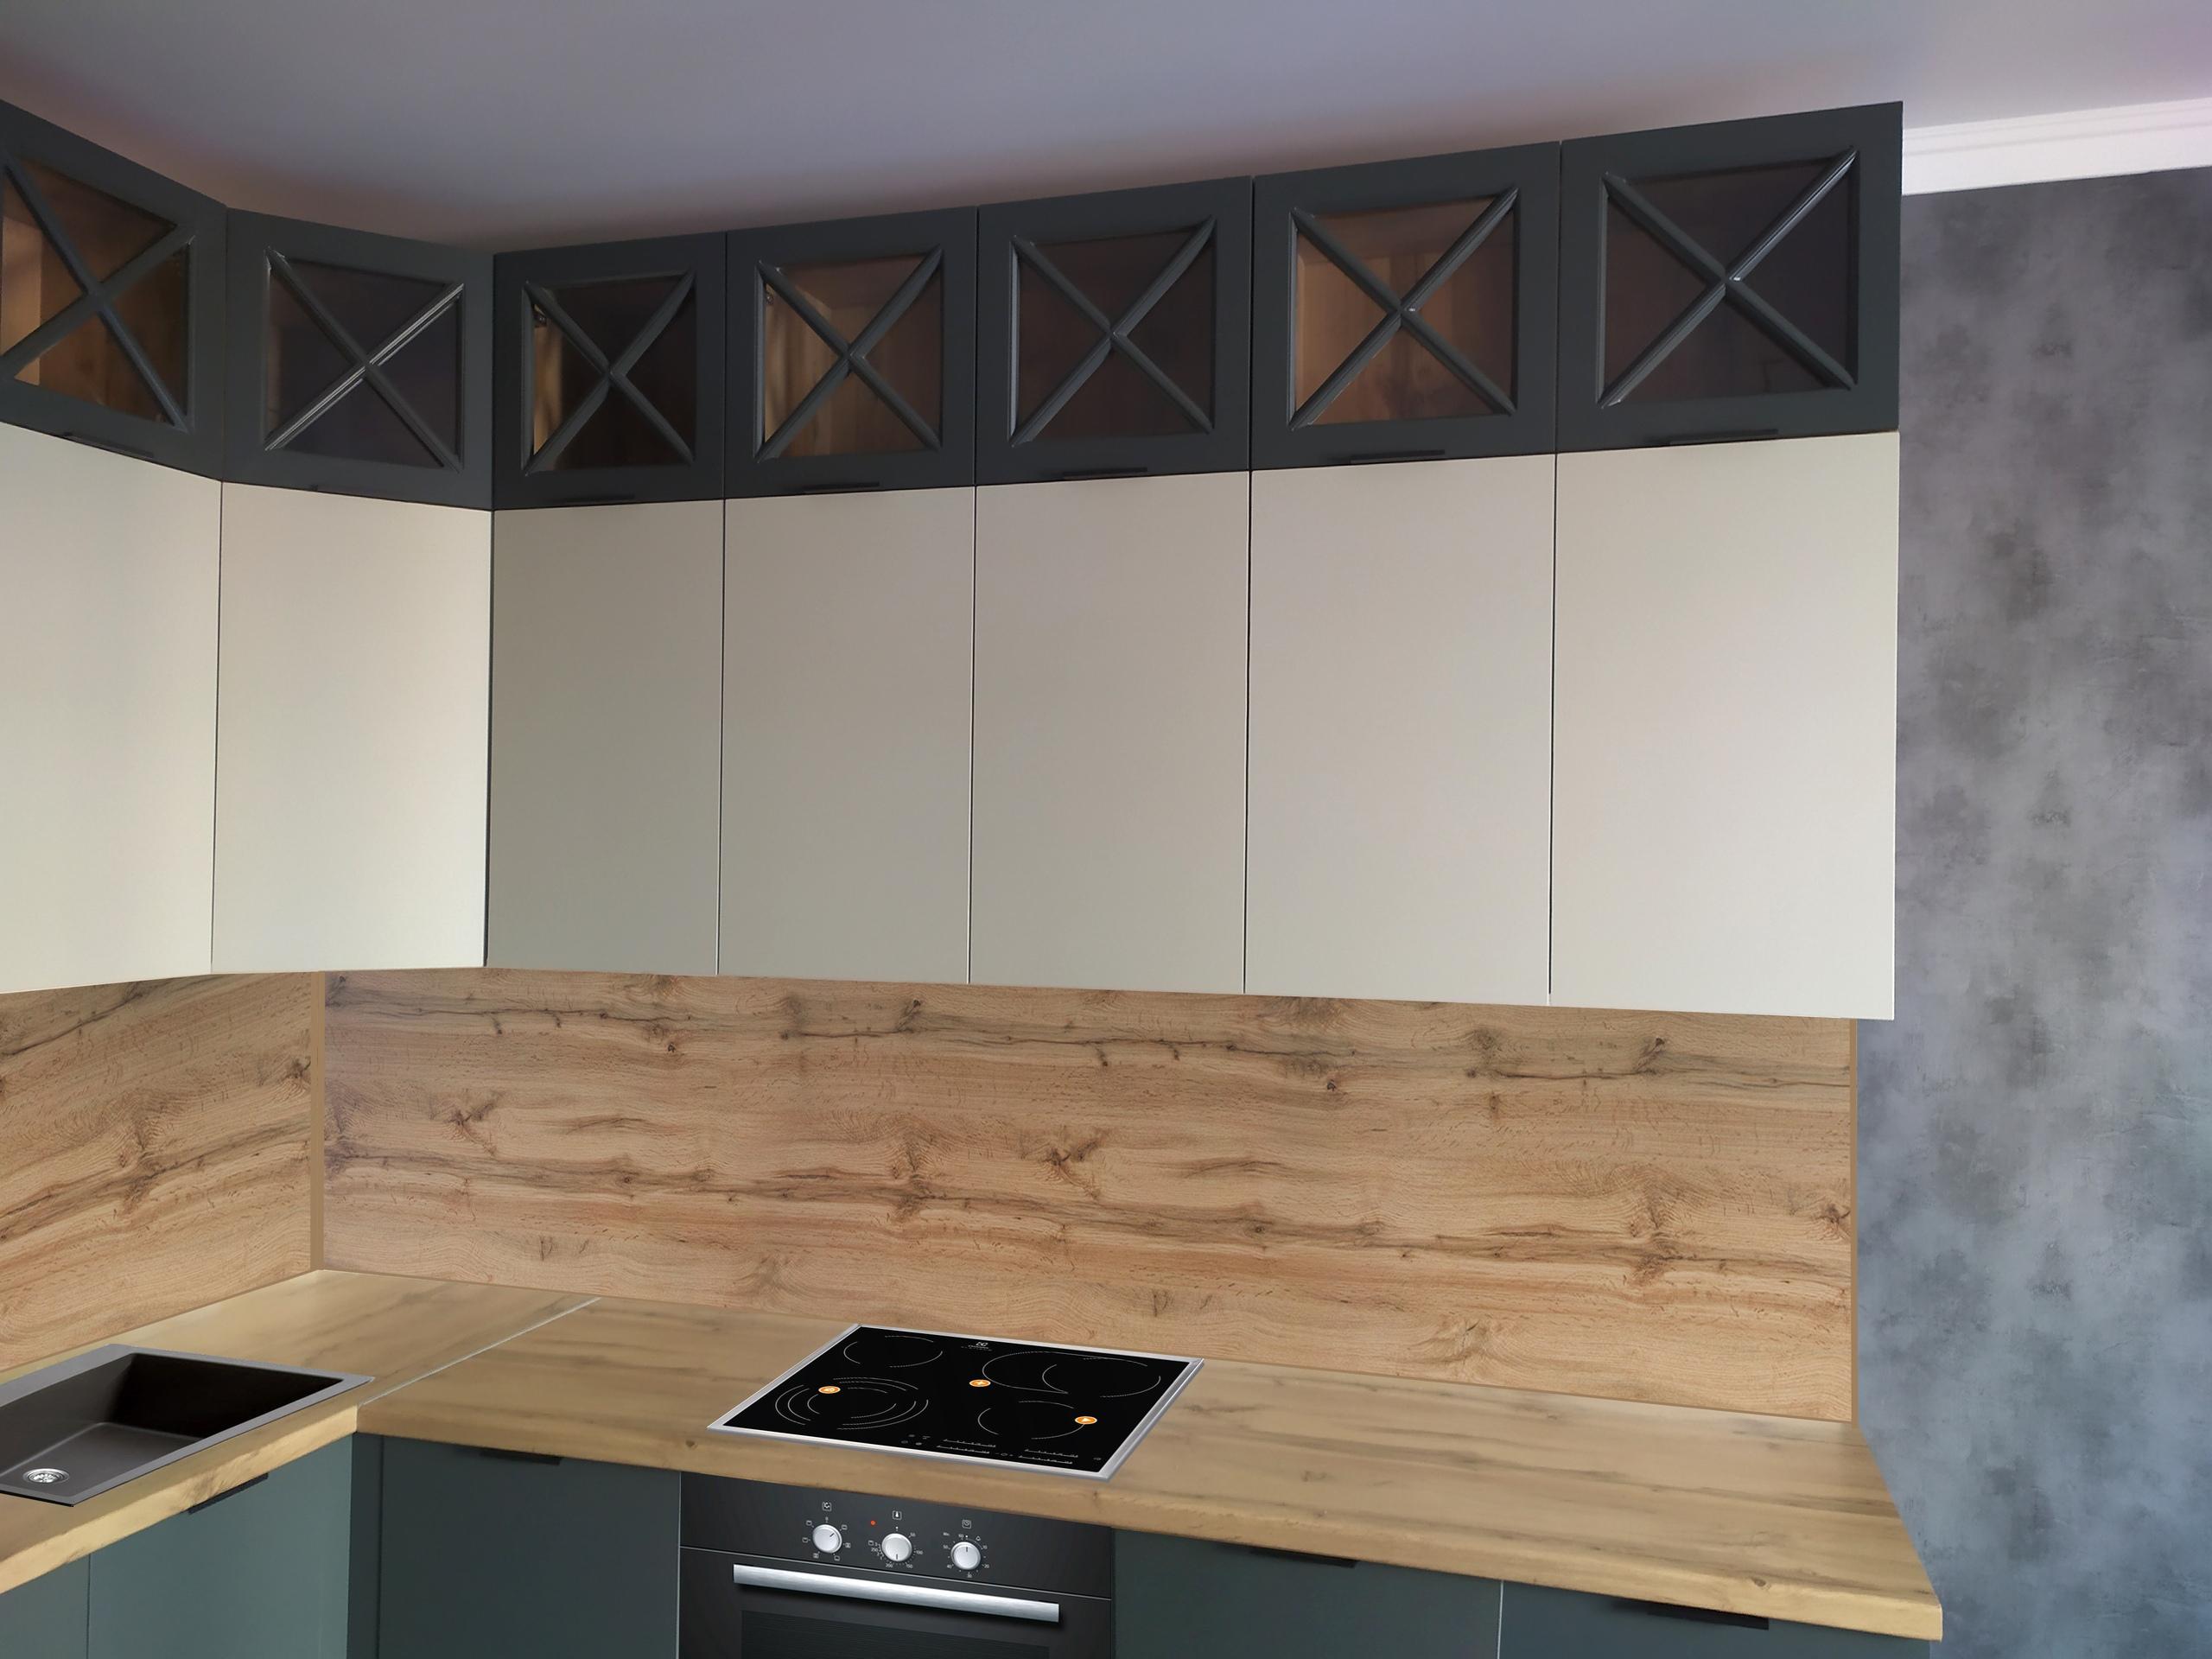 угловая кухня 2.5 метра